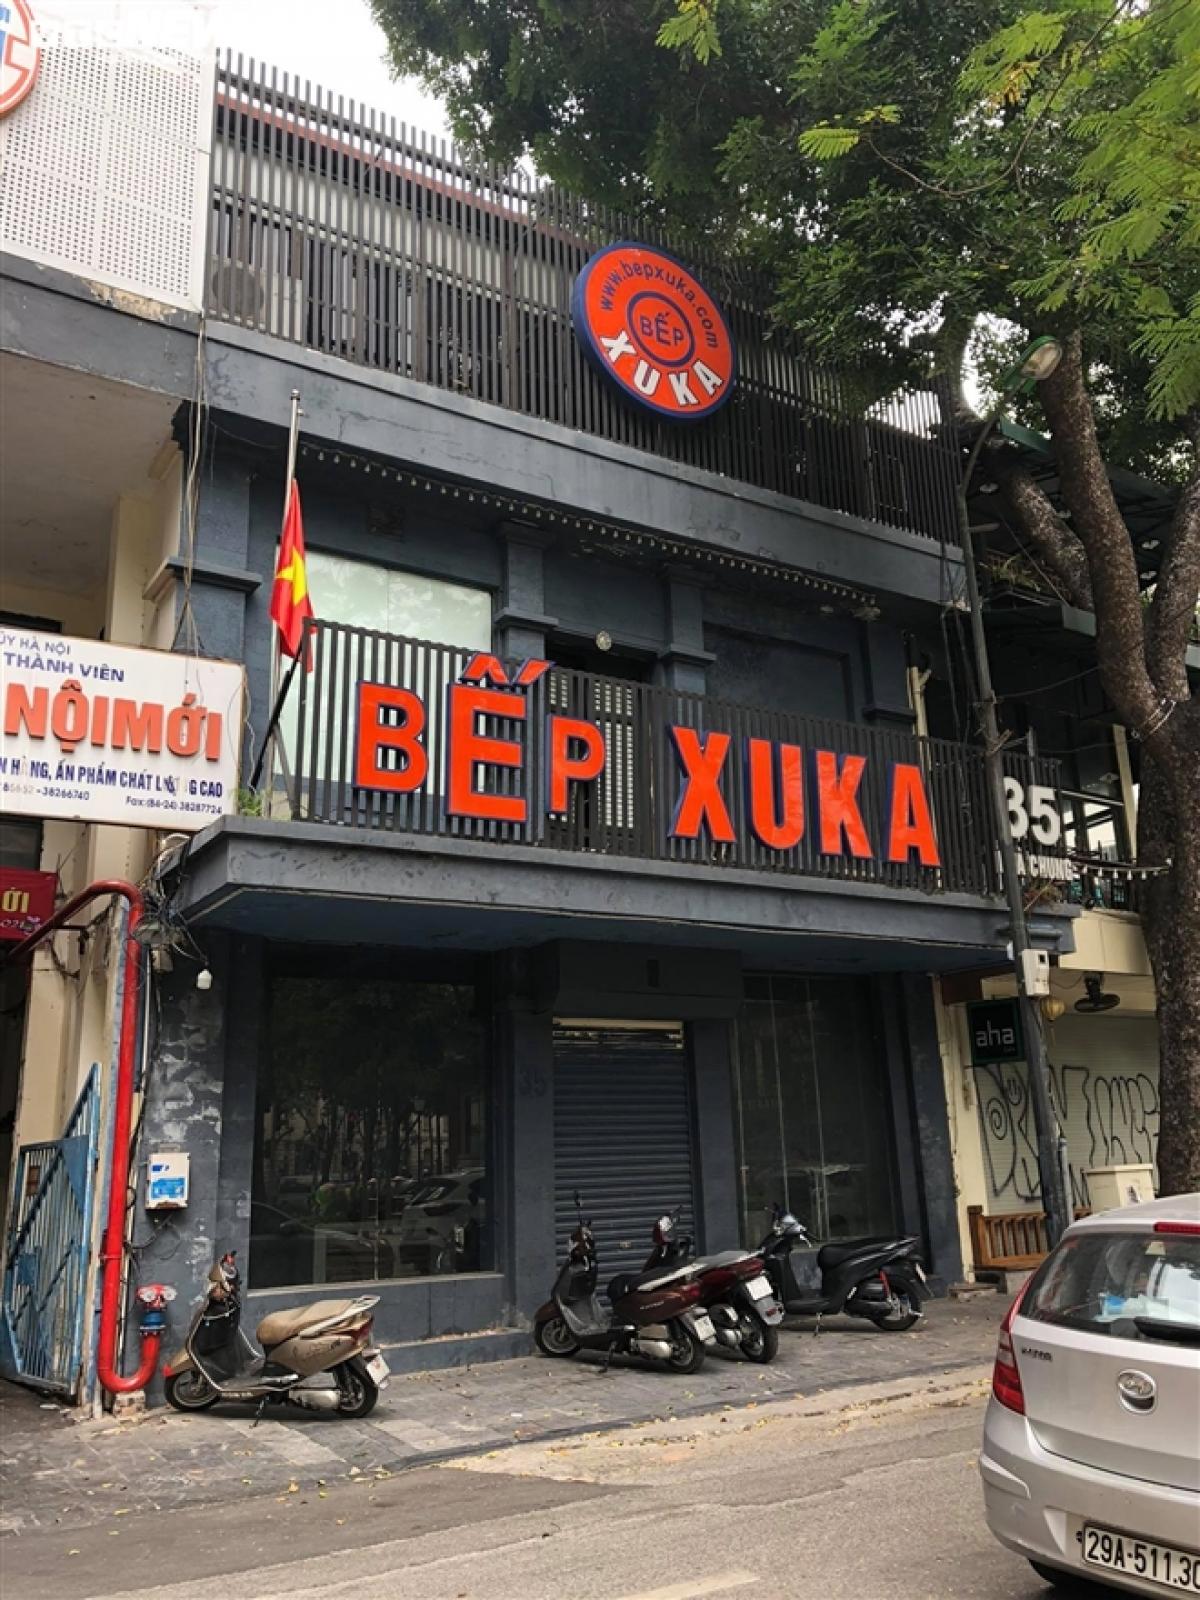 Chuỗi nhà hàng nổi tiếng Bếp Xuka phải đóng cửa tại nhiều địa chỉ.